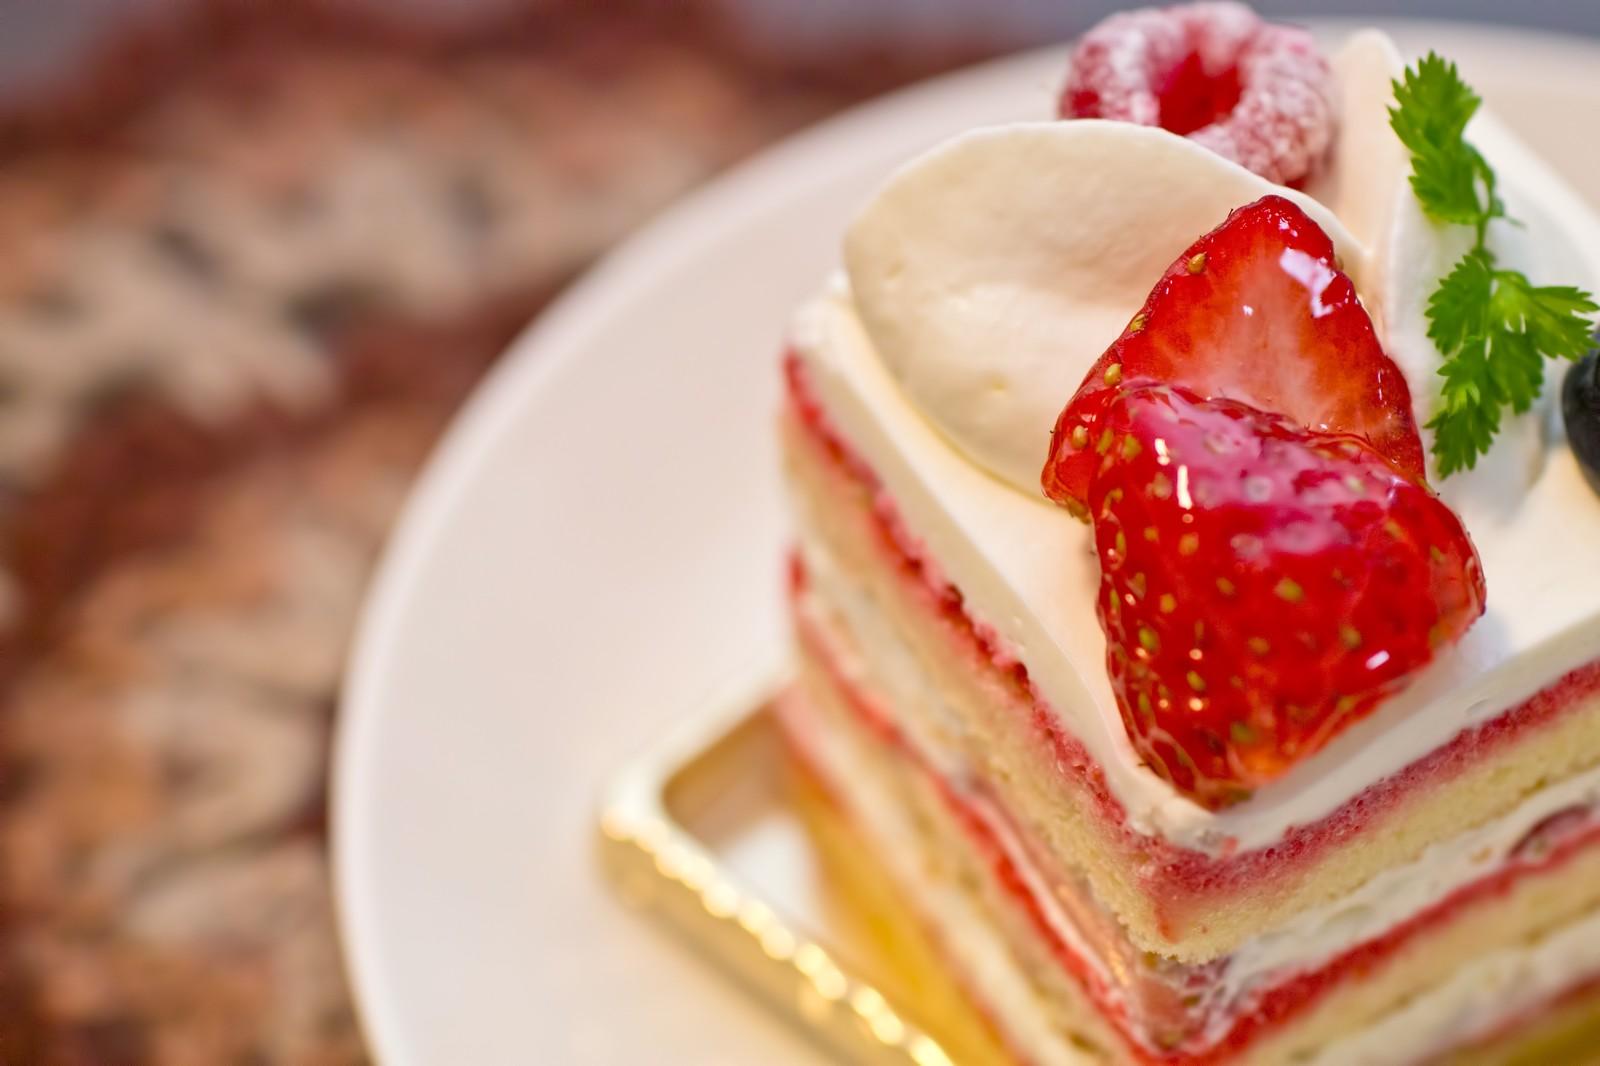 難波でケーキを堪能するなら?おすすめやカフェなど人気の店まとめ!